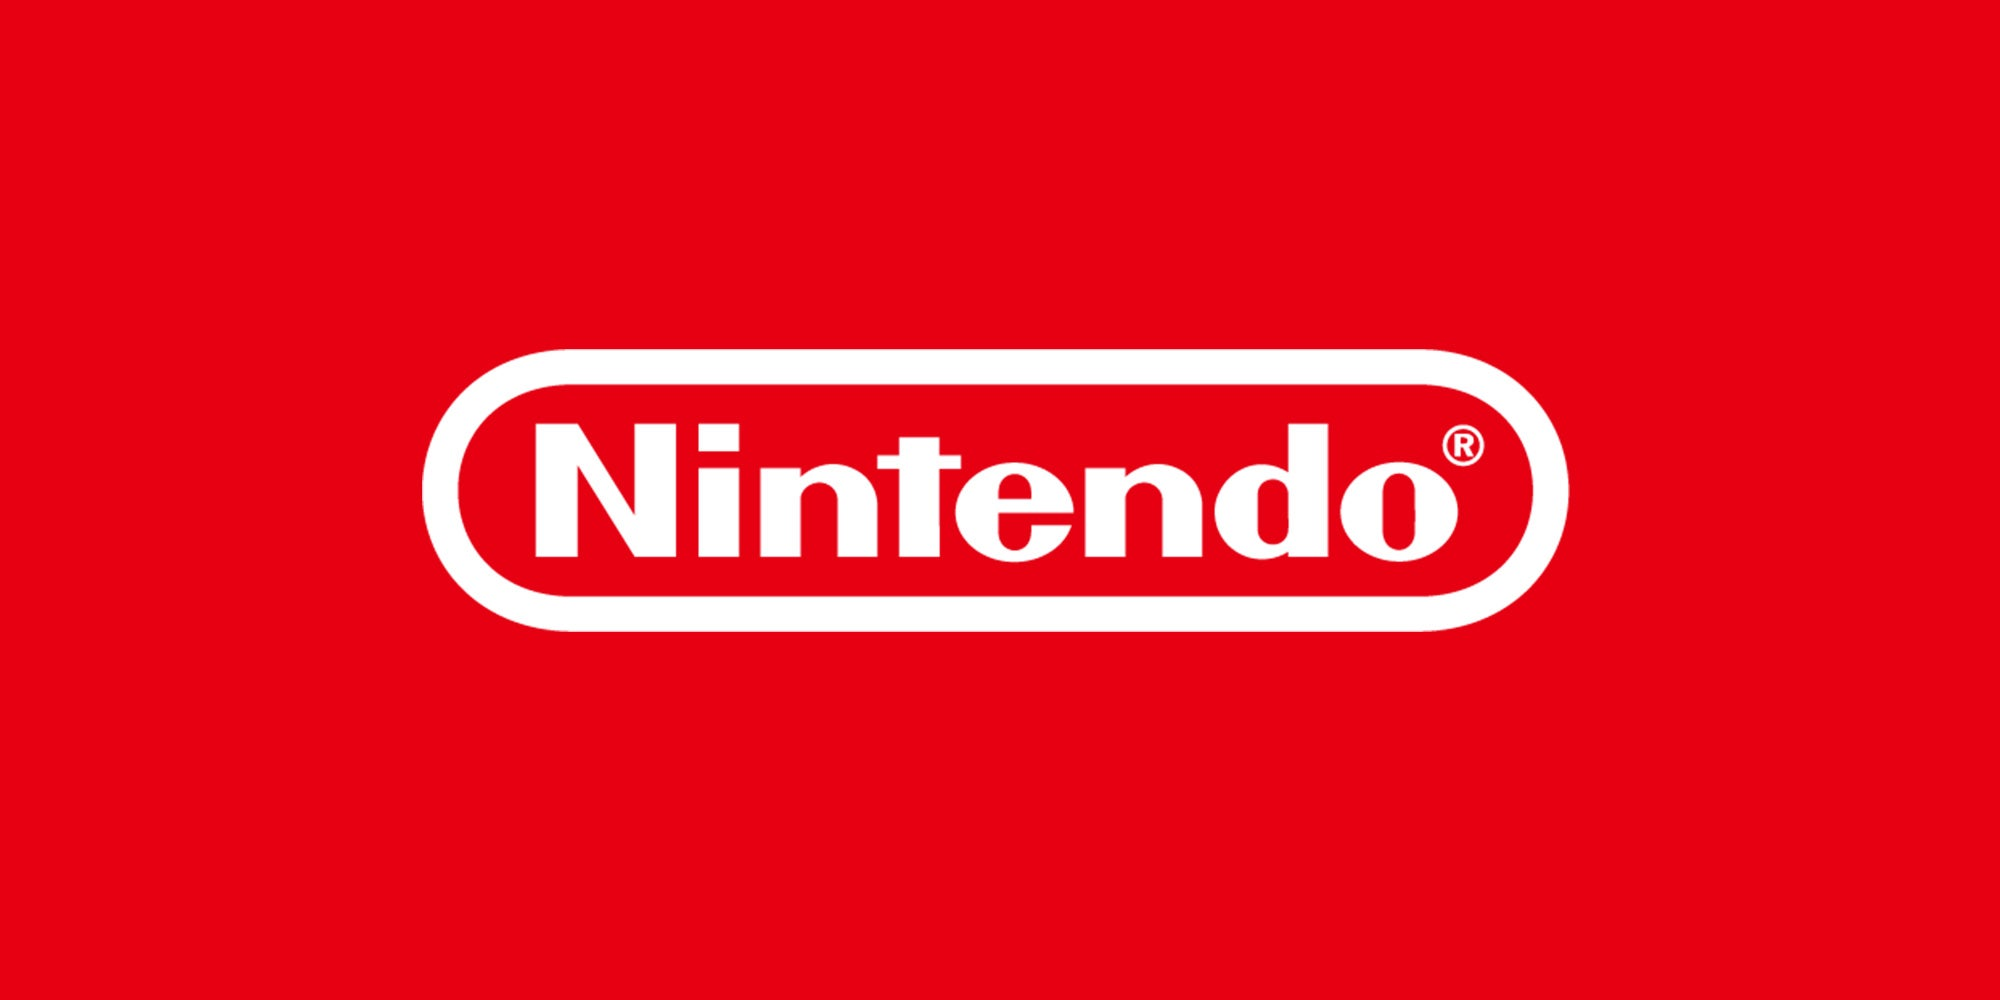 How Coronavirus Covid-19 Might Impact Nintendo's Game Development